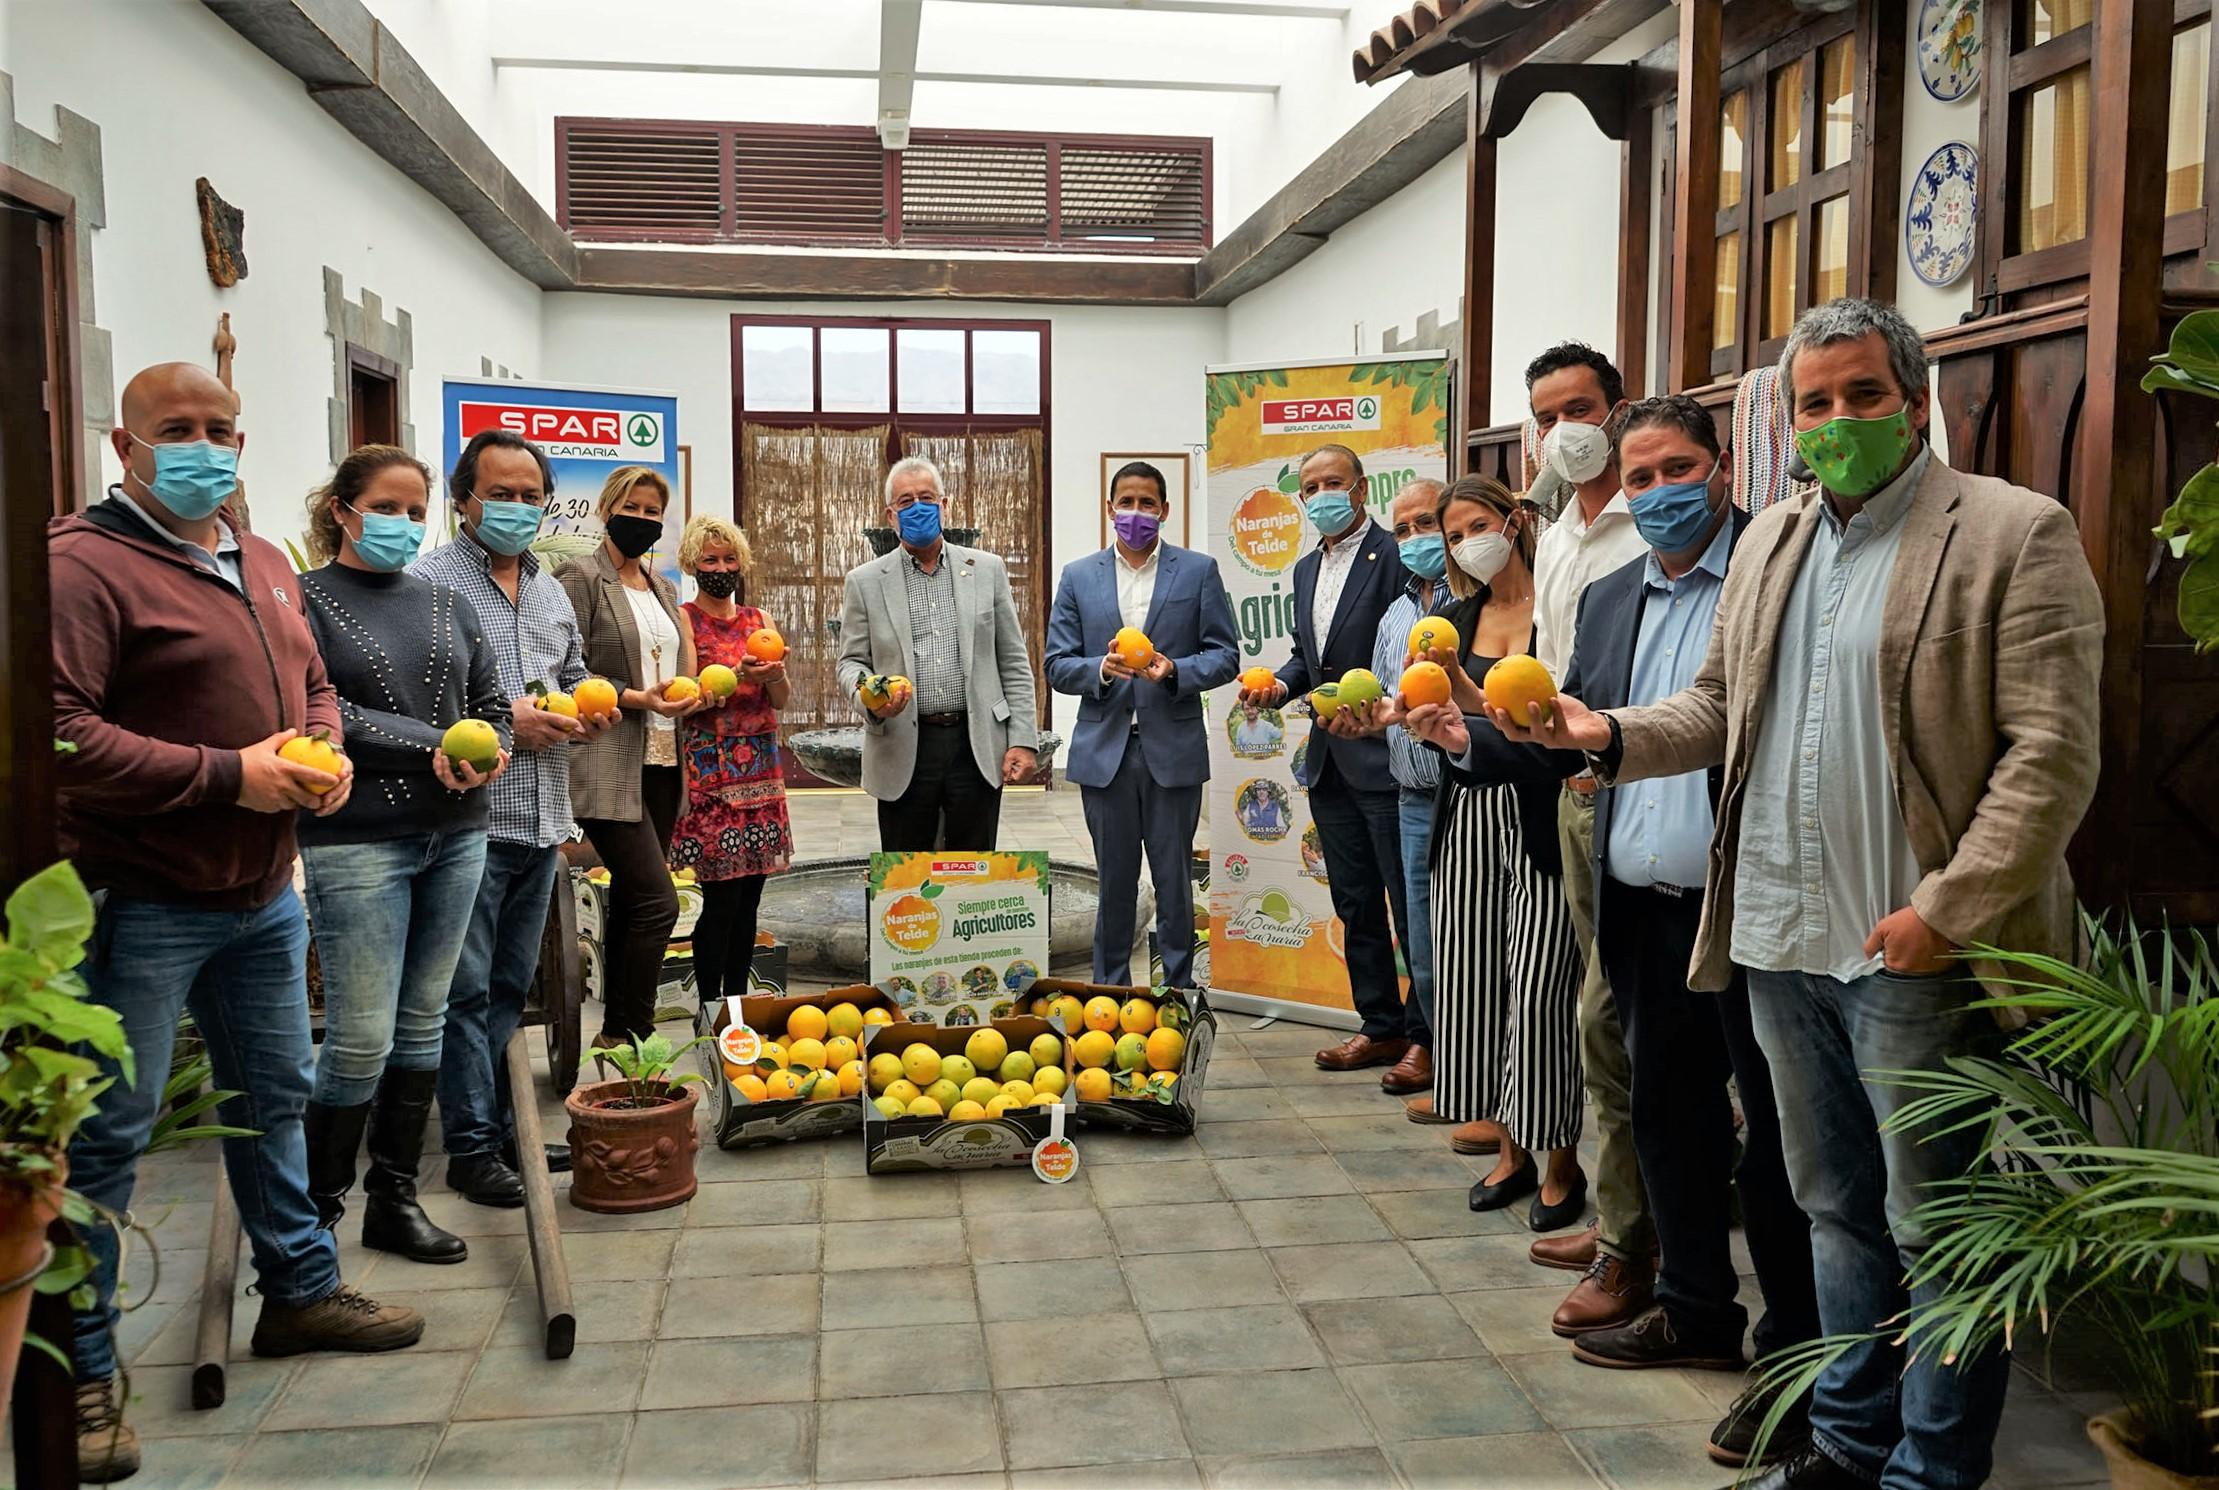 Spar Gran Canaria comercializa 255.000 kilos de naranjas de Telde en sus 19 tiendas del municipio